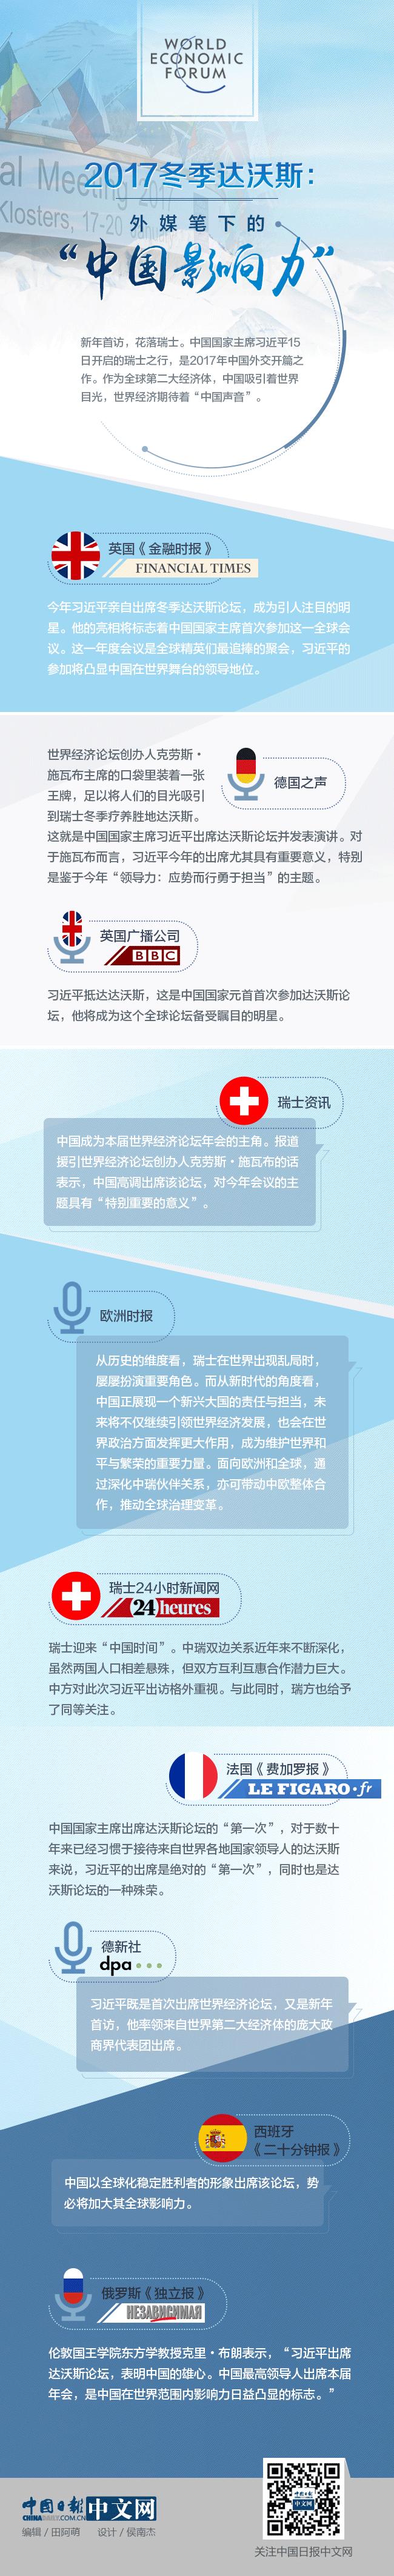 """2017冬季達沃斯:外媒筆下的""""中國影響力"""""""